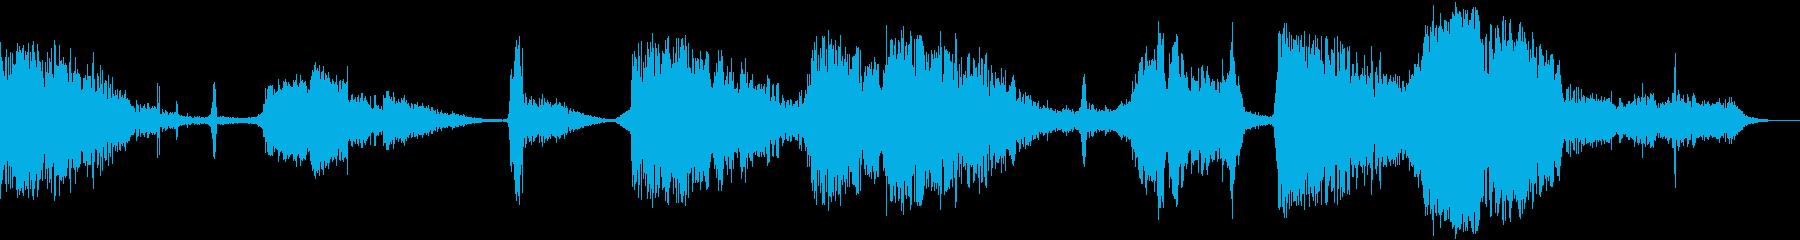 【ホラー】 【映画】 タイトルロゴ_02の再生済みの波形